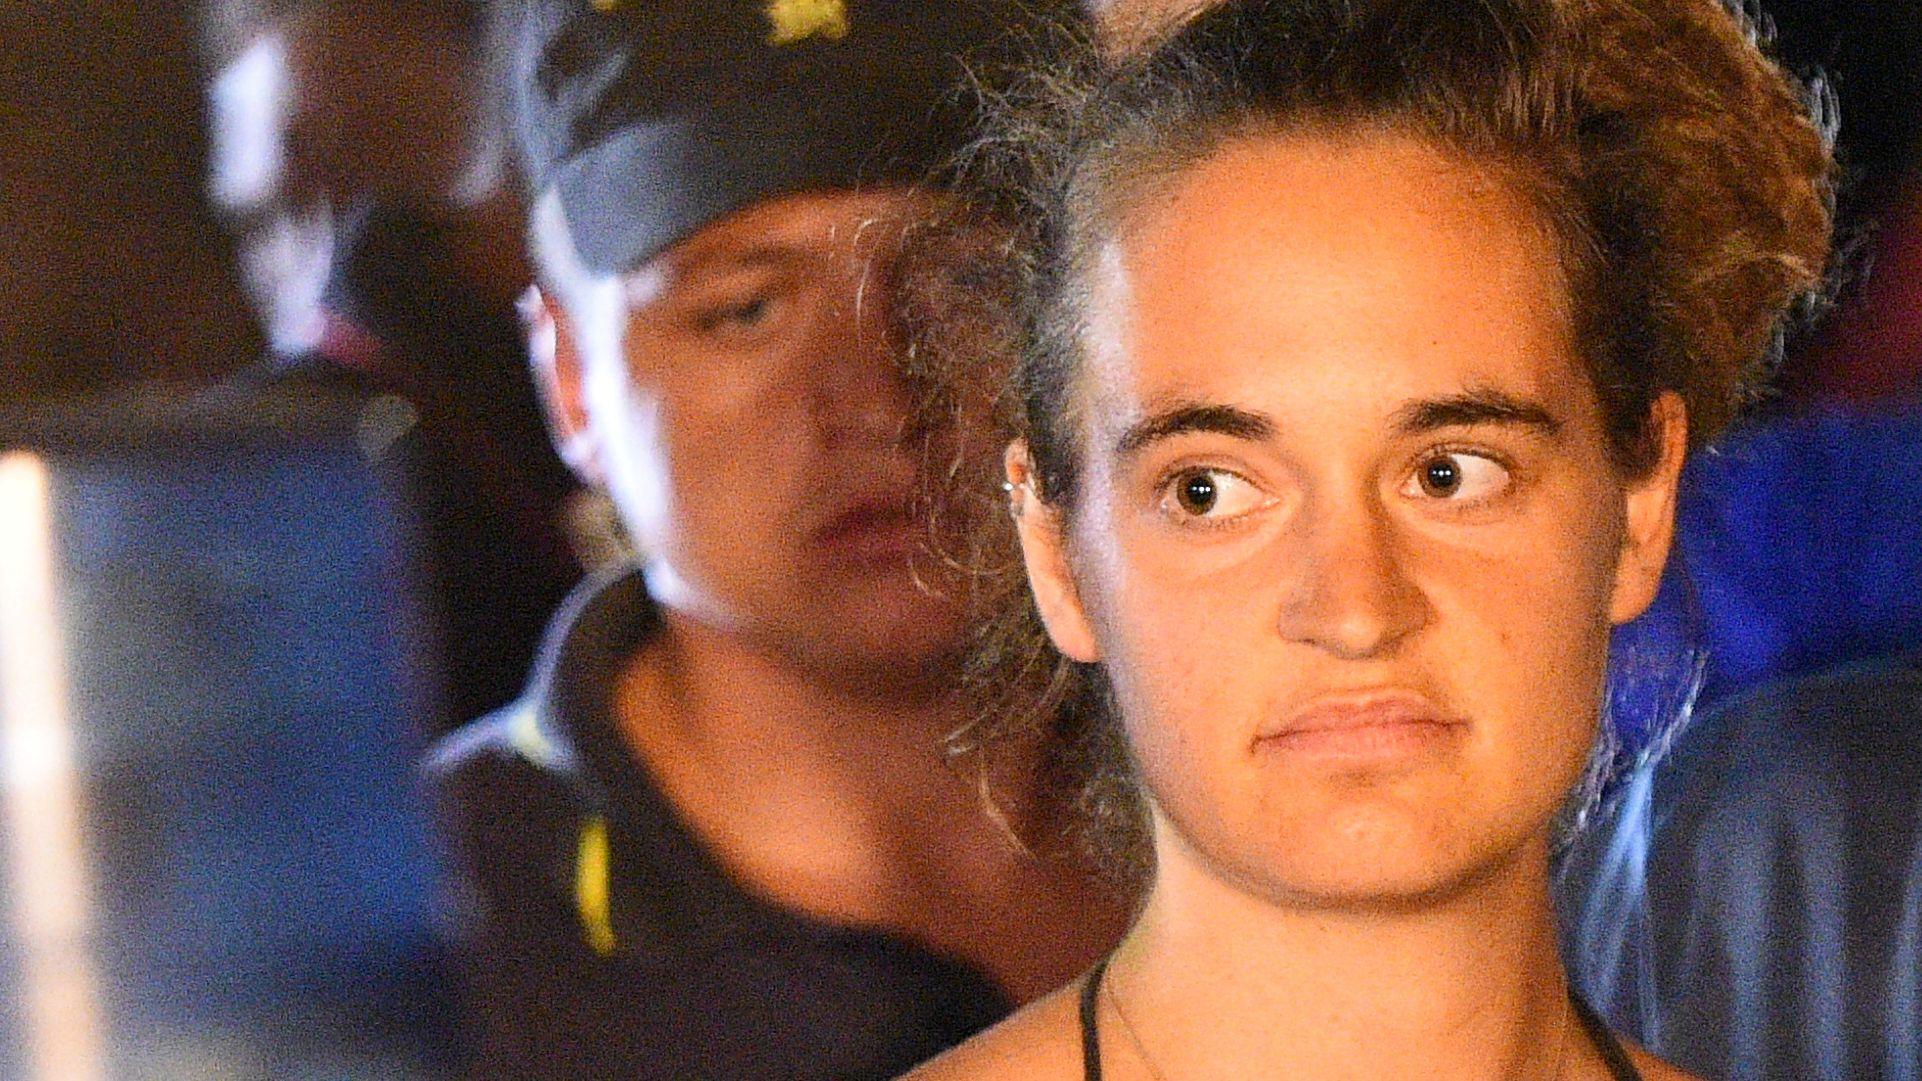 """Die festgenommene Kapitänin des privaten Seenotrettungsschiffes """"Sea-Watch 3"""", Carola Rackete, wird abgeführt."""